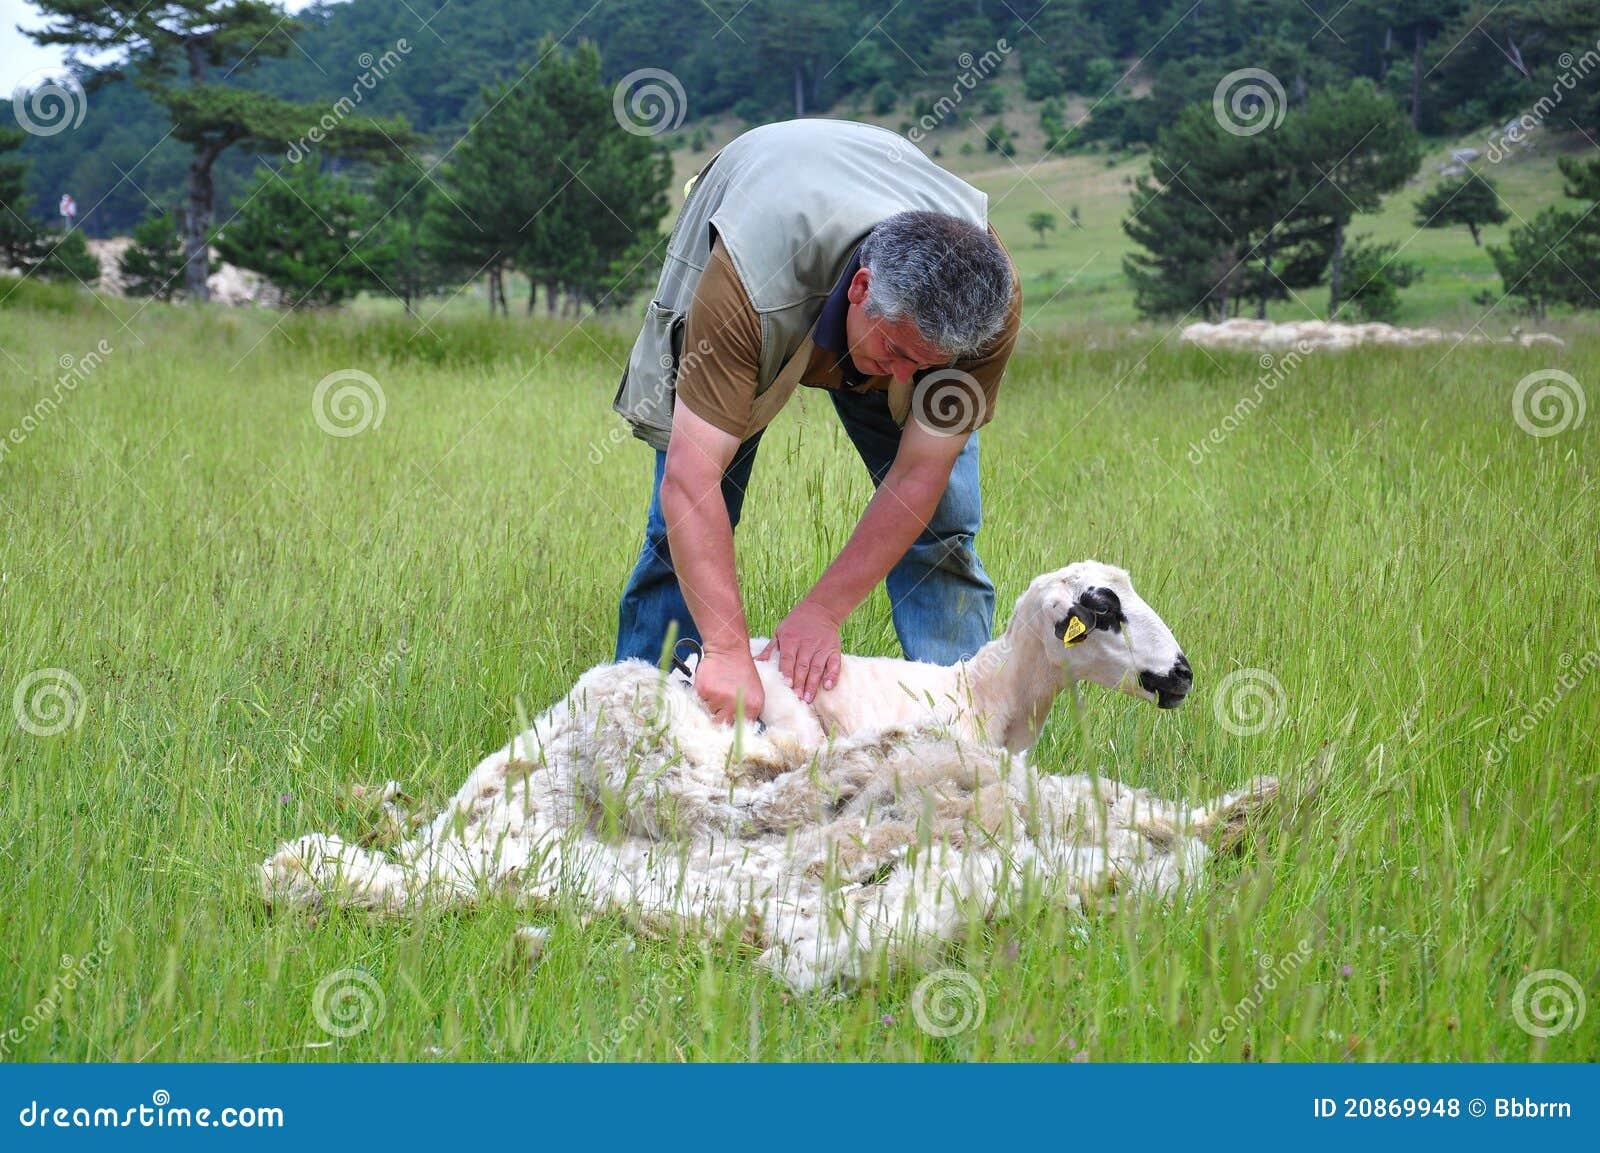 Taglio della pelliccia della pecora